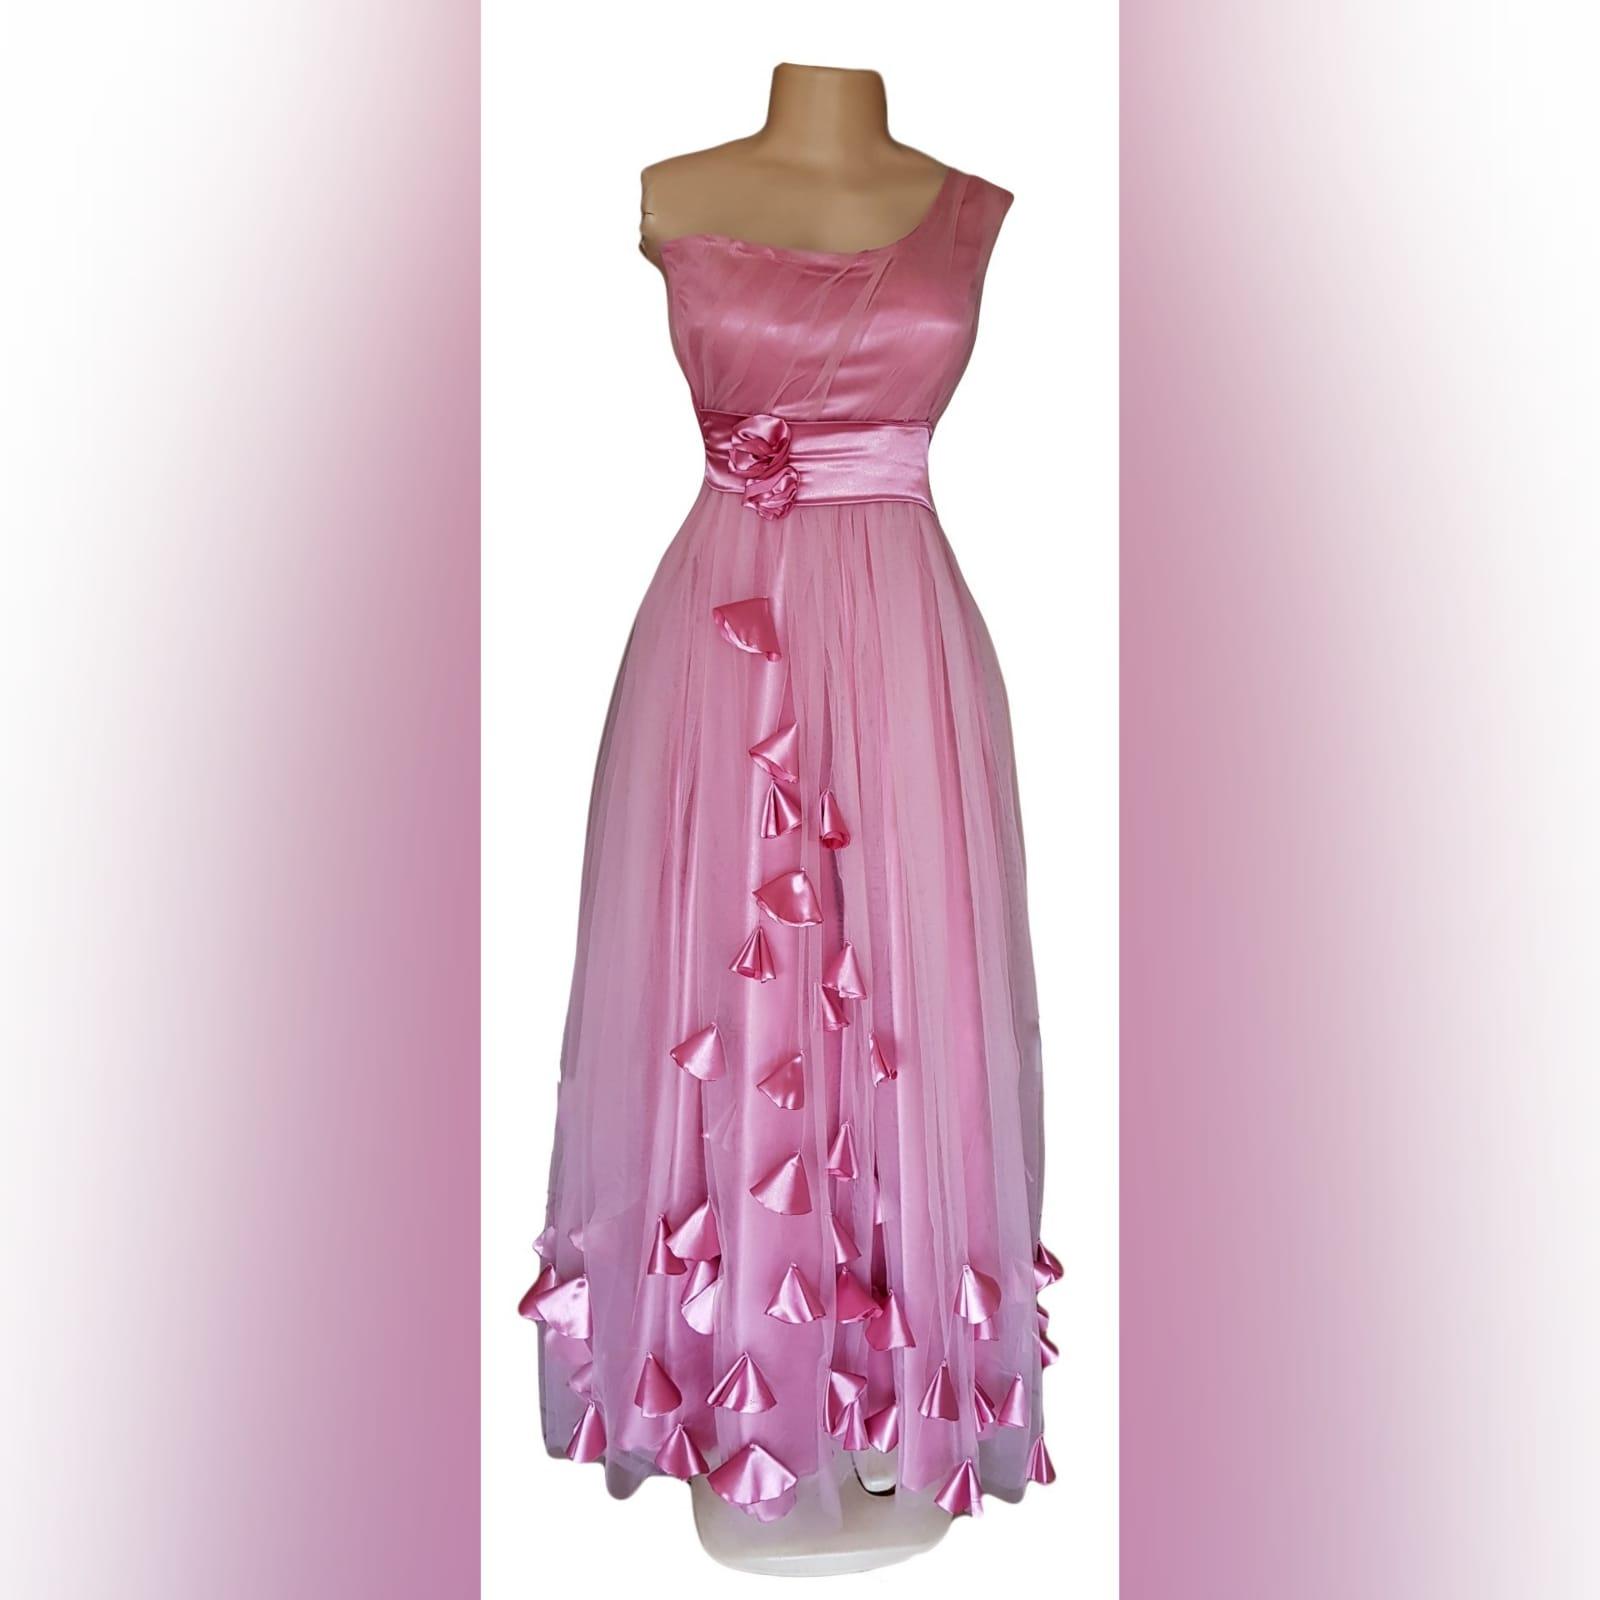 Vestido de dama de honra cor de rosa longo 5 vestido de dama de honra longo, cor rosa de tule com um unico ombro , corpete reunido, cinto de cetim , detalhado com rosas e pétalas.